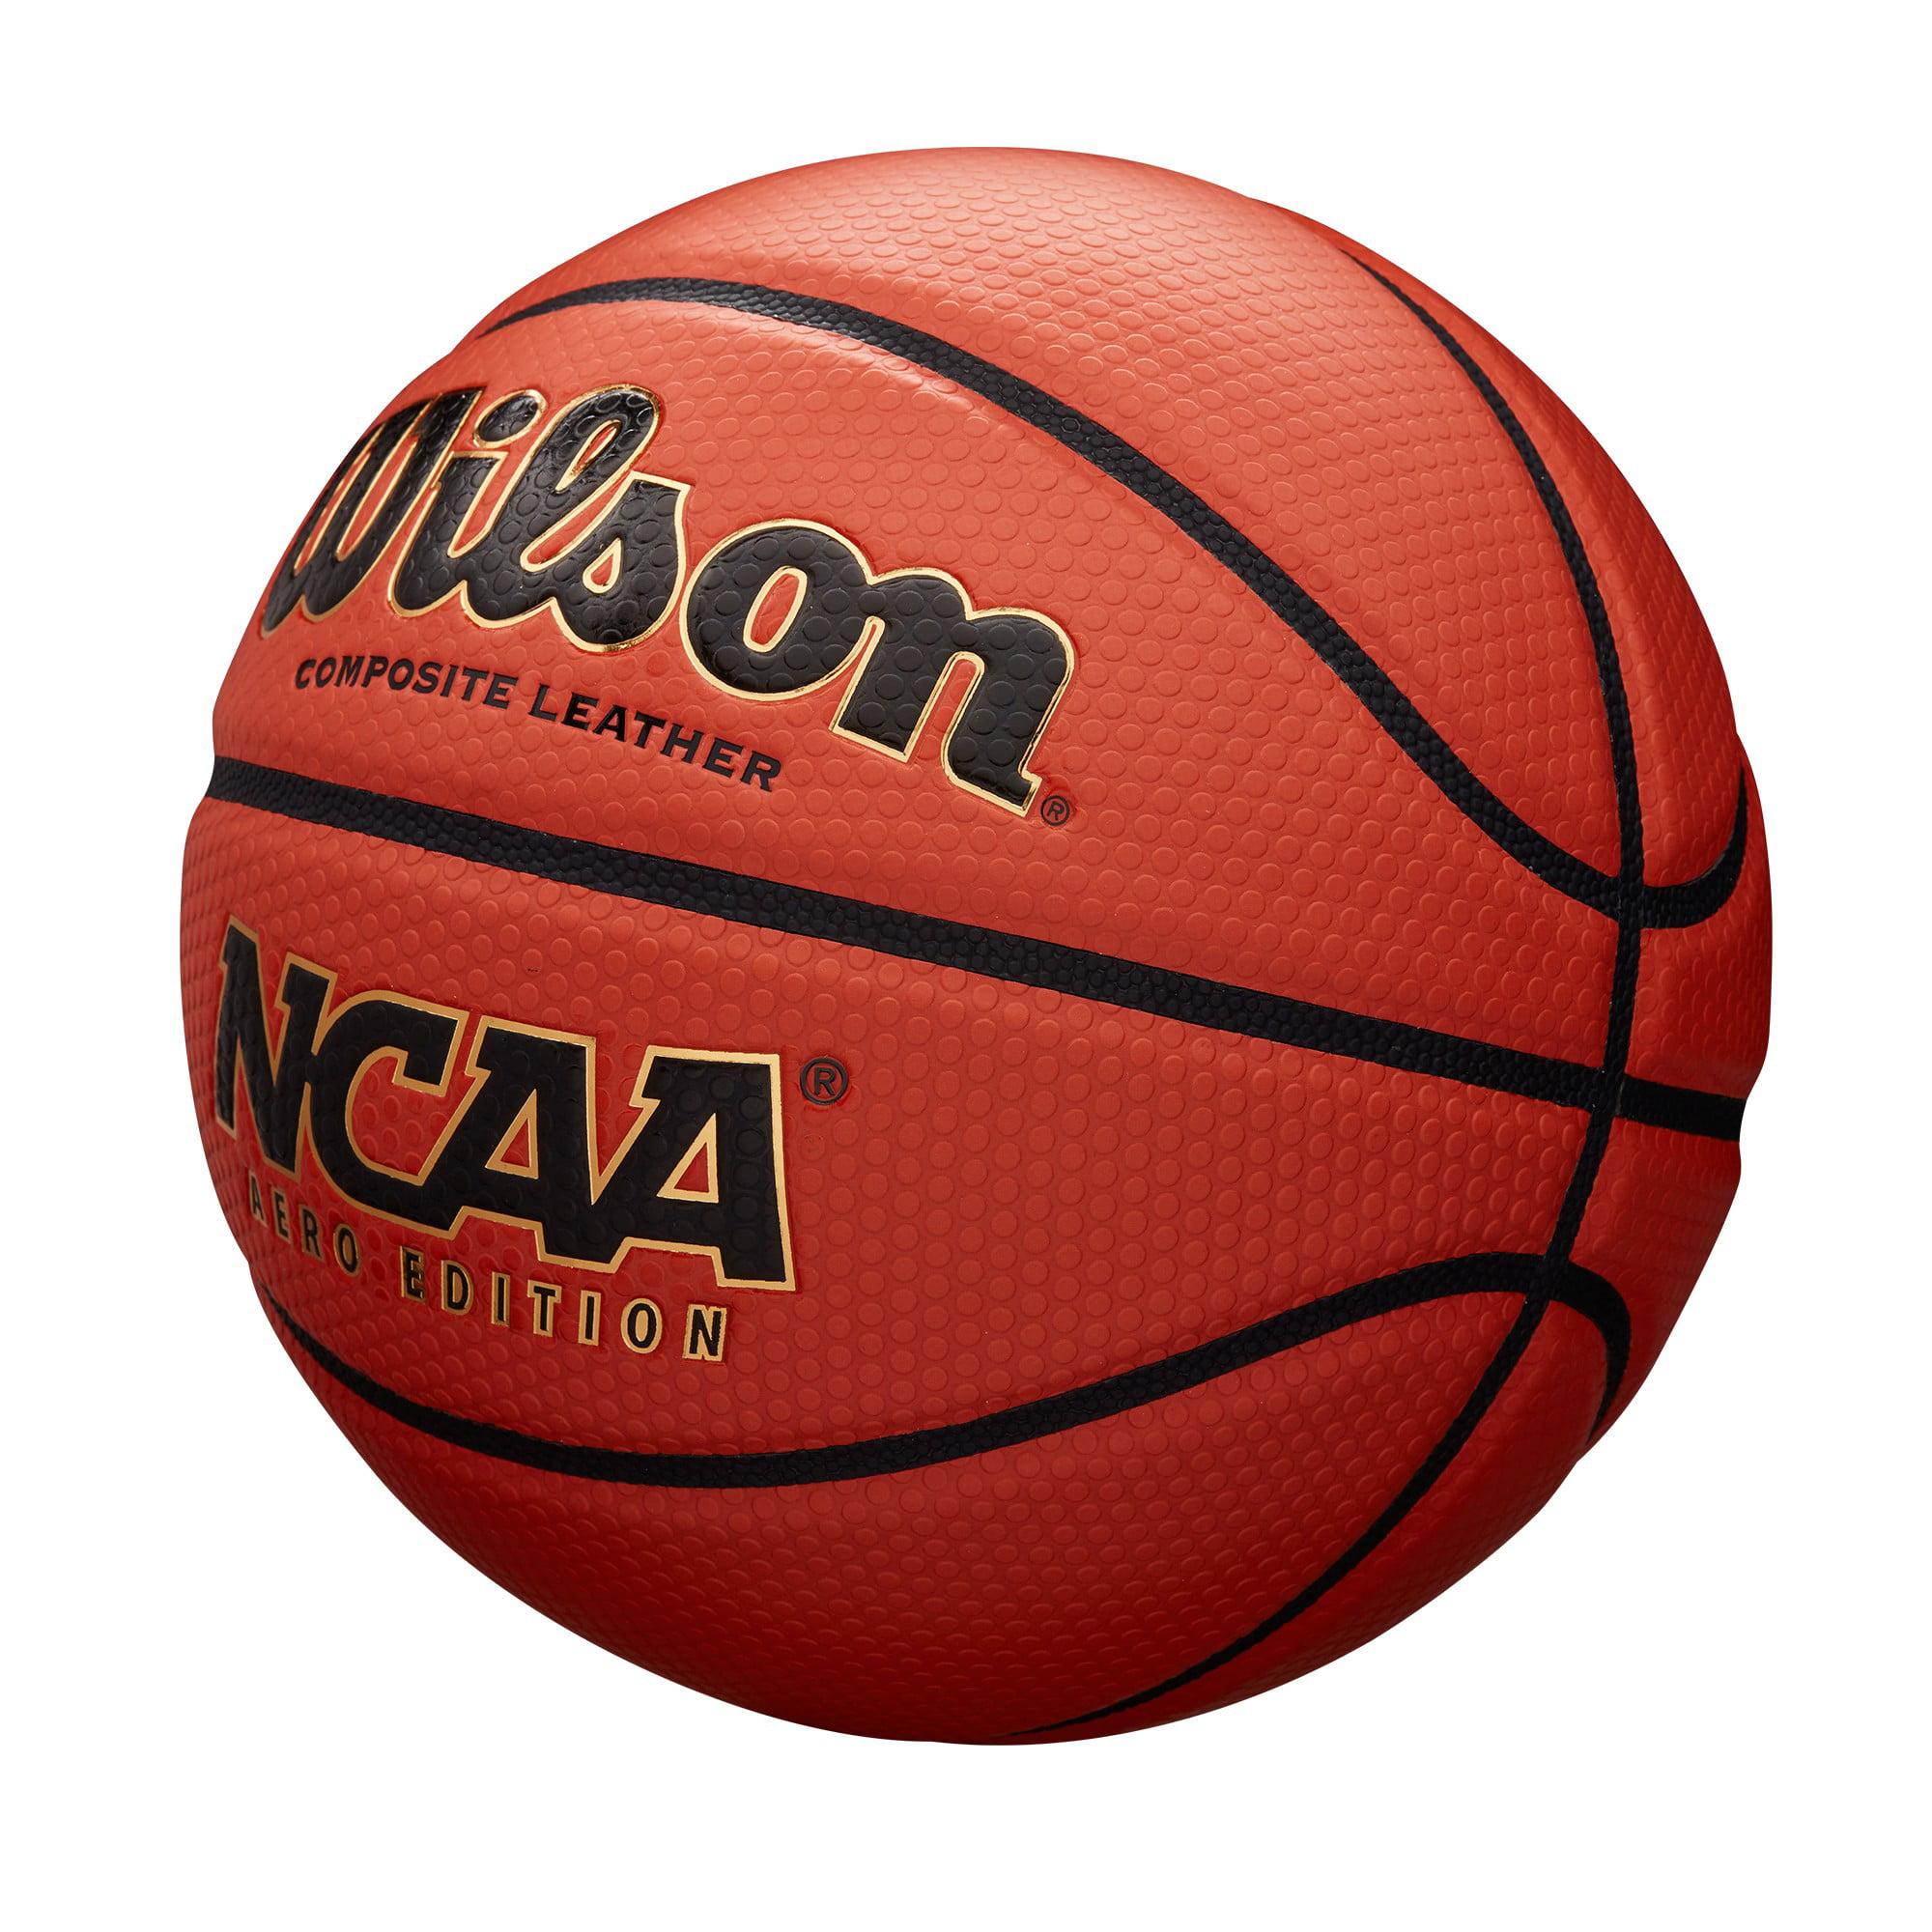 Wilson Ncaa Aero Basketball Official Size 29 5 Walmart Com